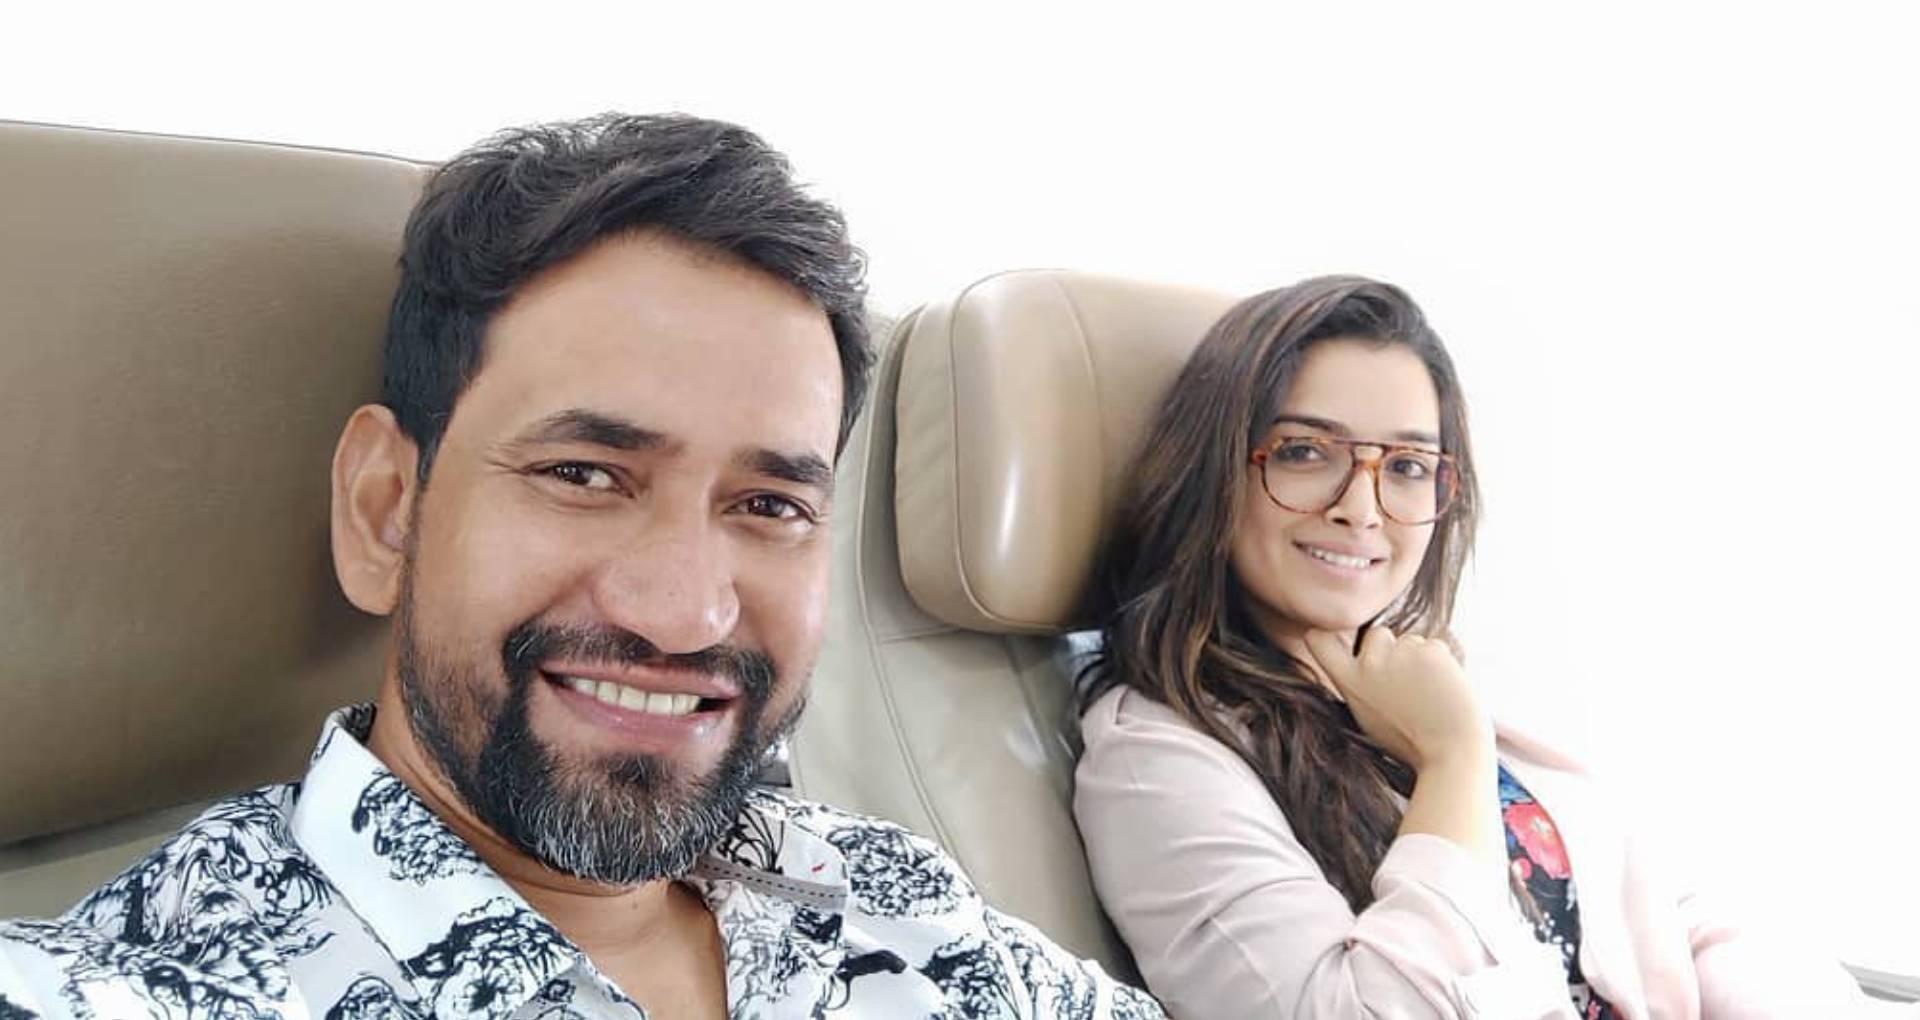 दिनेश लाल यादव और आम्रपाली दुबे की इस भोजपुरी फिल्म ने बनाया रिकॉर्ड, निरहुआ ने इस अंदाज में जताई खुशी